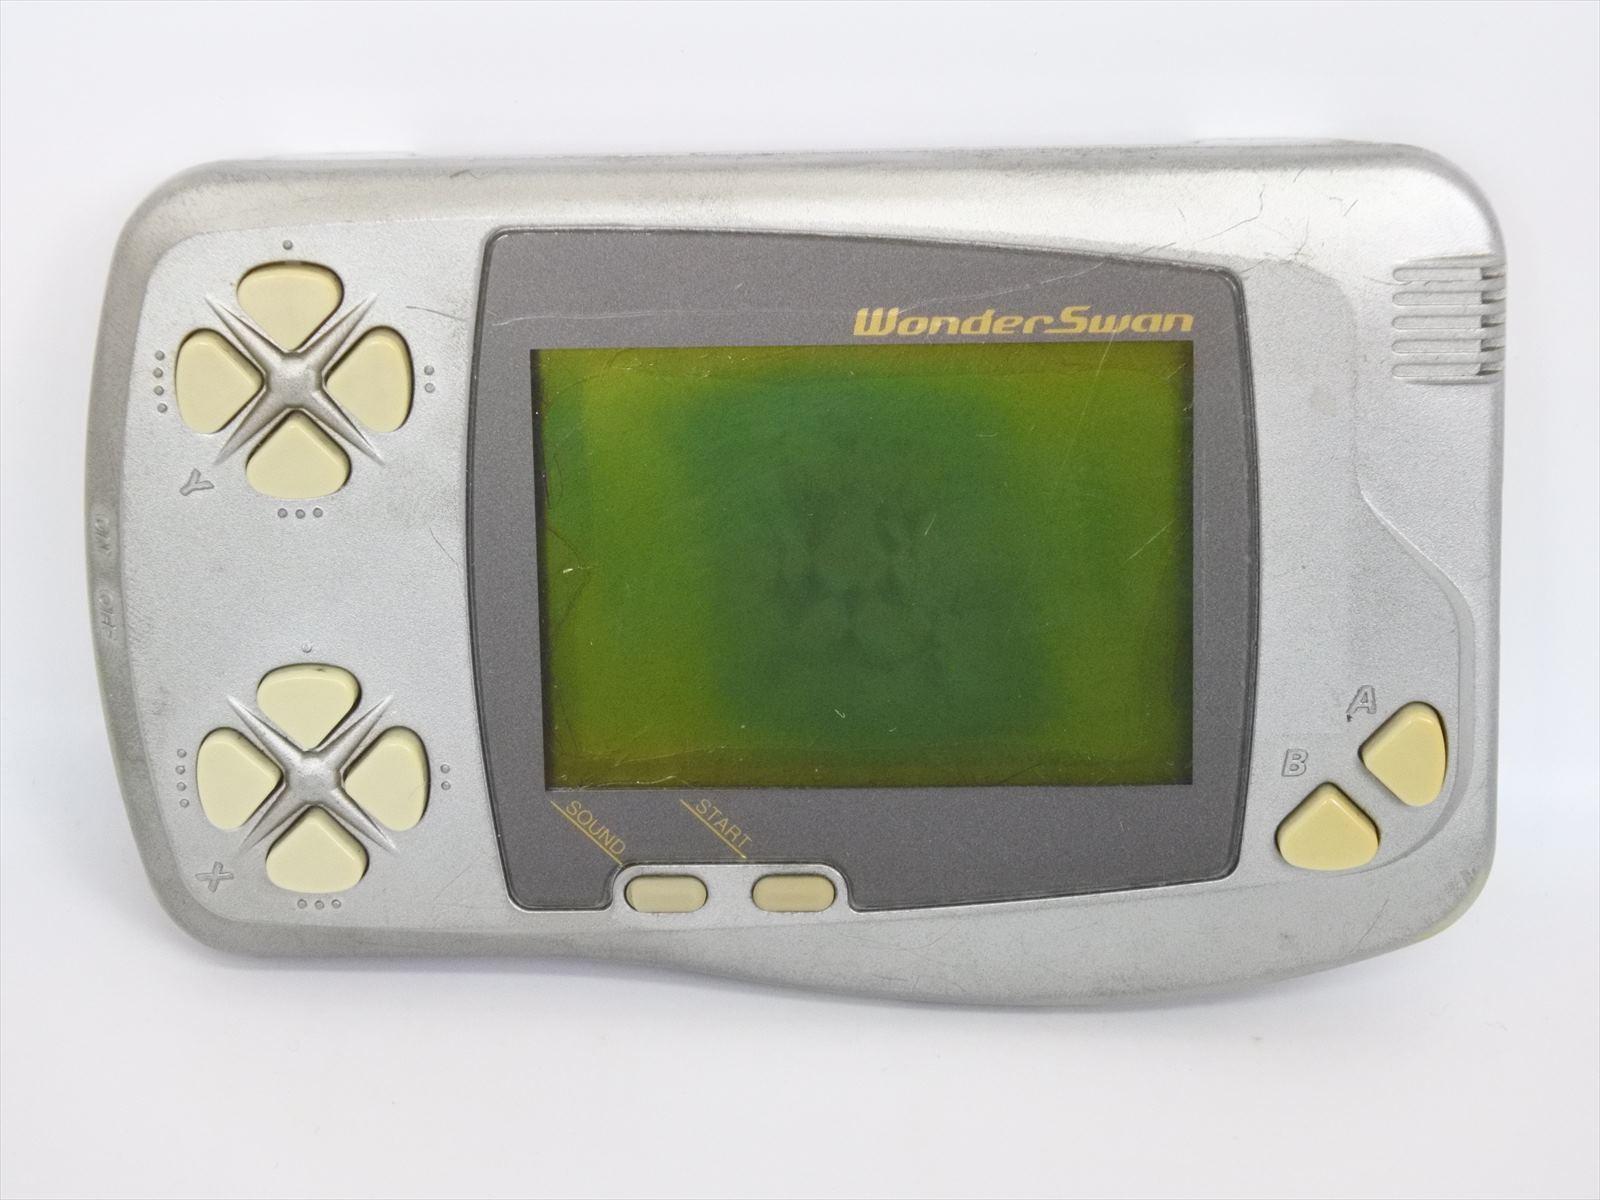 Console Ws